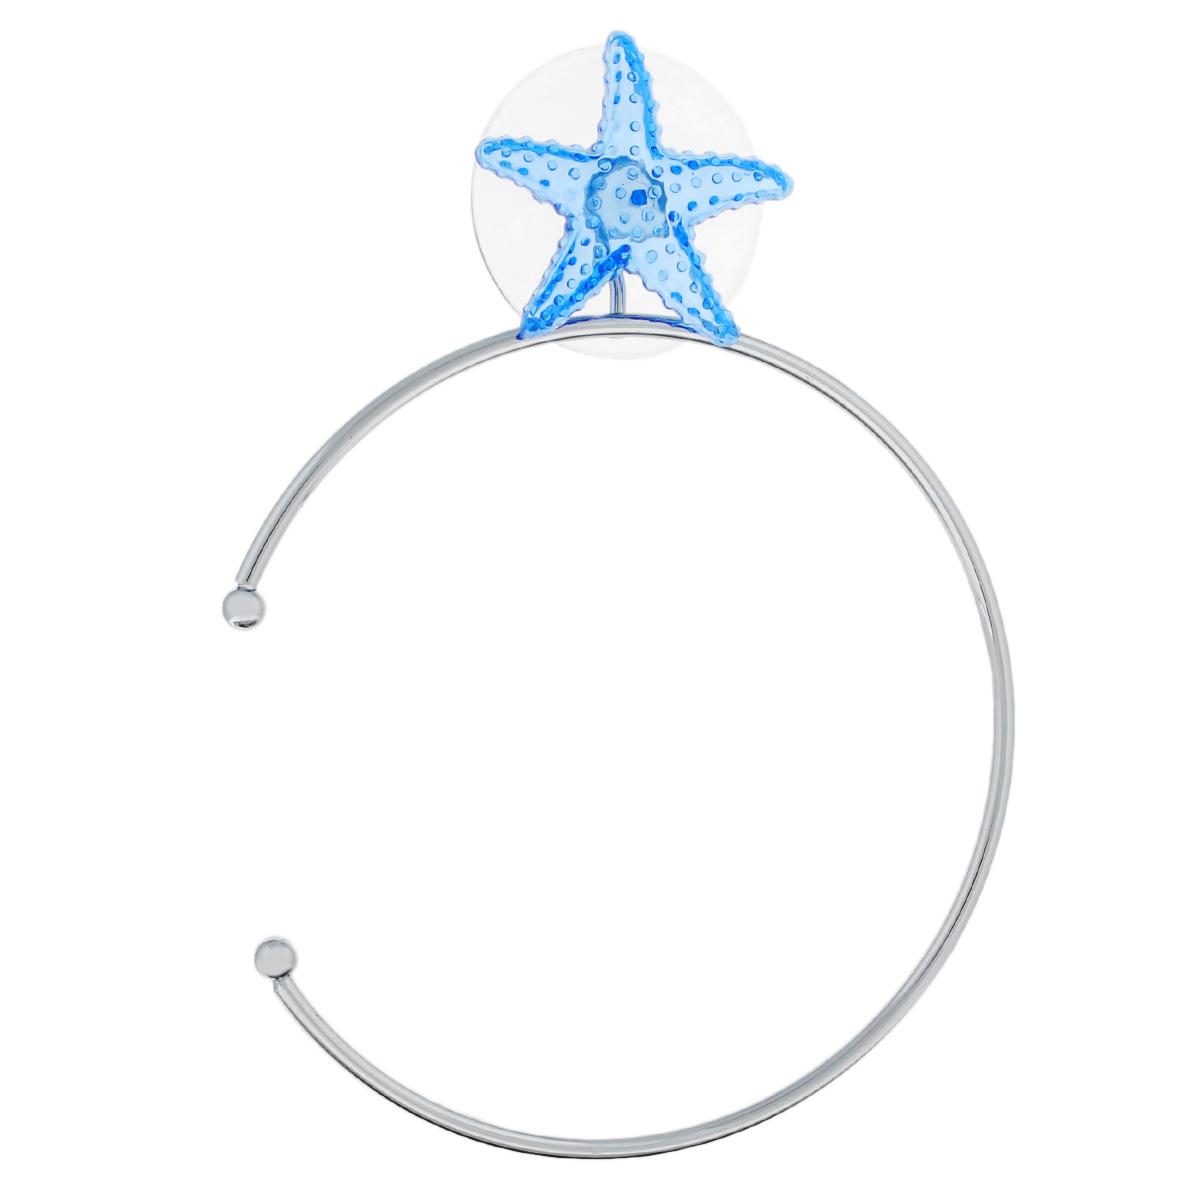 Держатель для полотенец Home Queen Морская звезда, диаметр 18 см68/5/3Держатель для полотенец Home Queen Морская звезда изготовлен из стали с хромированным покрытием. Крепится к стене при помощи присоски, украшенной фигуркой в виде голубой морской звезды. Держатель позволяет аккуратно повесить полотенце в ванной, даже если у полотенца нет петельки. Такой держатель будет органично смотреться в любом интерьере ванной комнаты. Крепить на поверхность, очищенную от загрязнений, известкового и мыльного налета.Диаметр: 18 см.